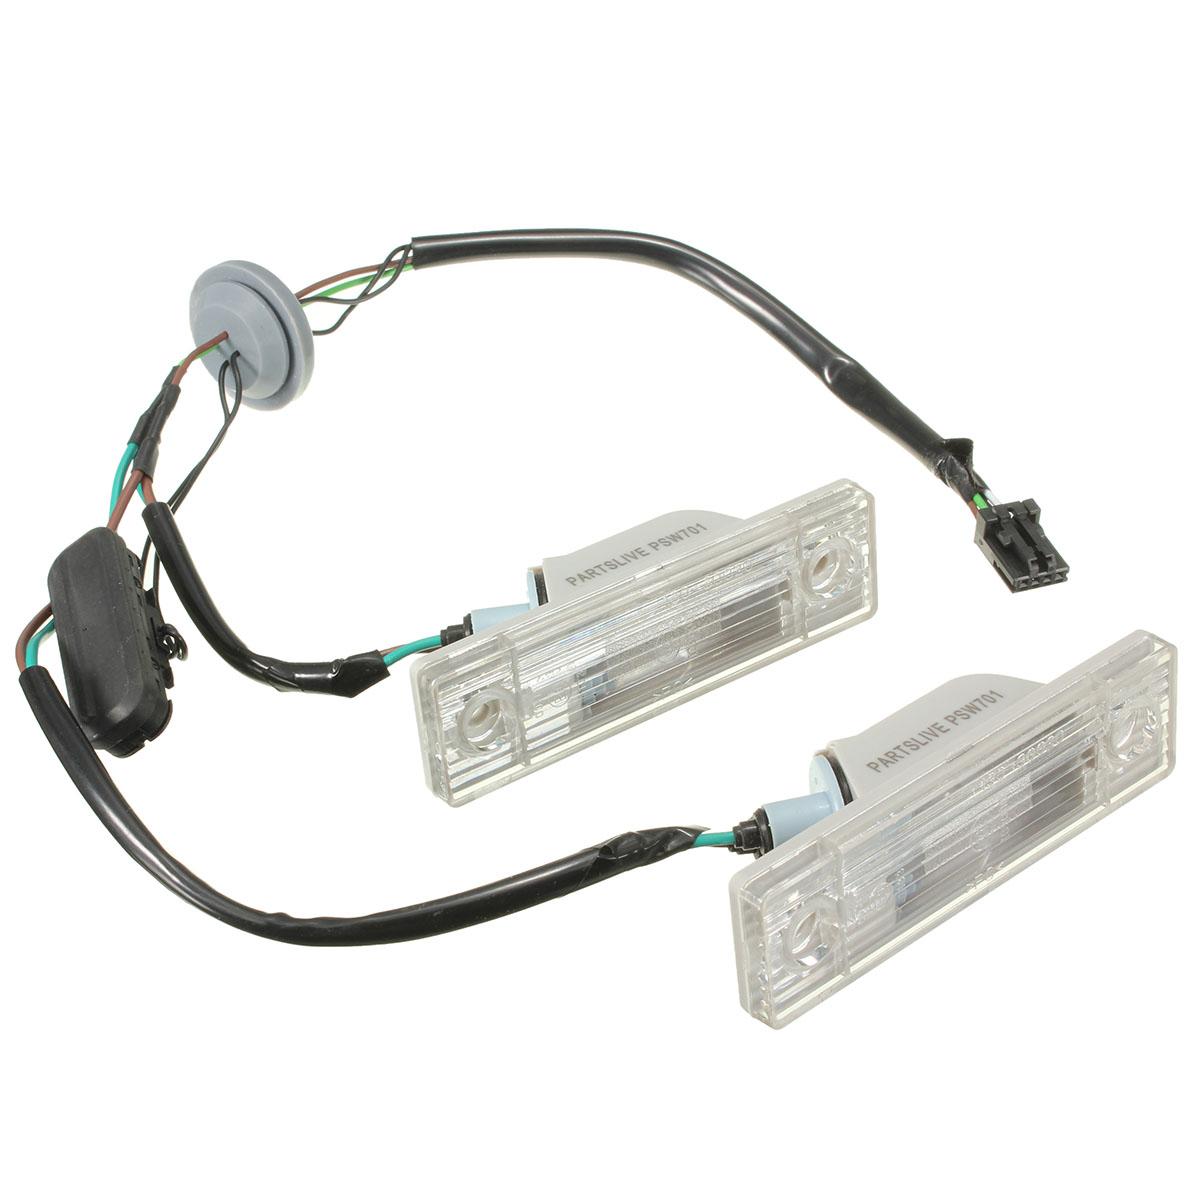 Audew для Chevrolet для Cruze автомобиль зад номерного знака плита лампа ствол переключатель пуговица монтажный комплект